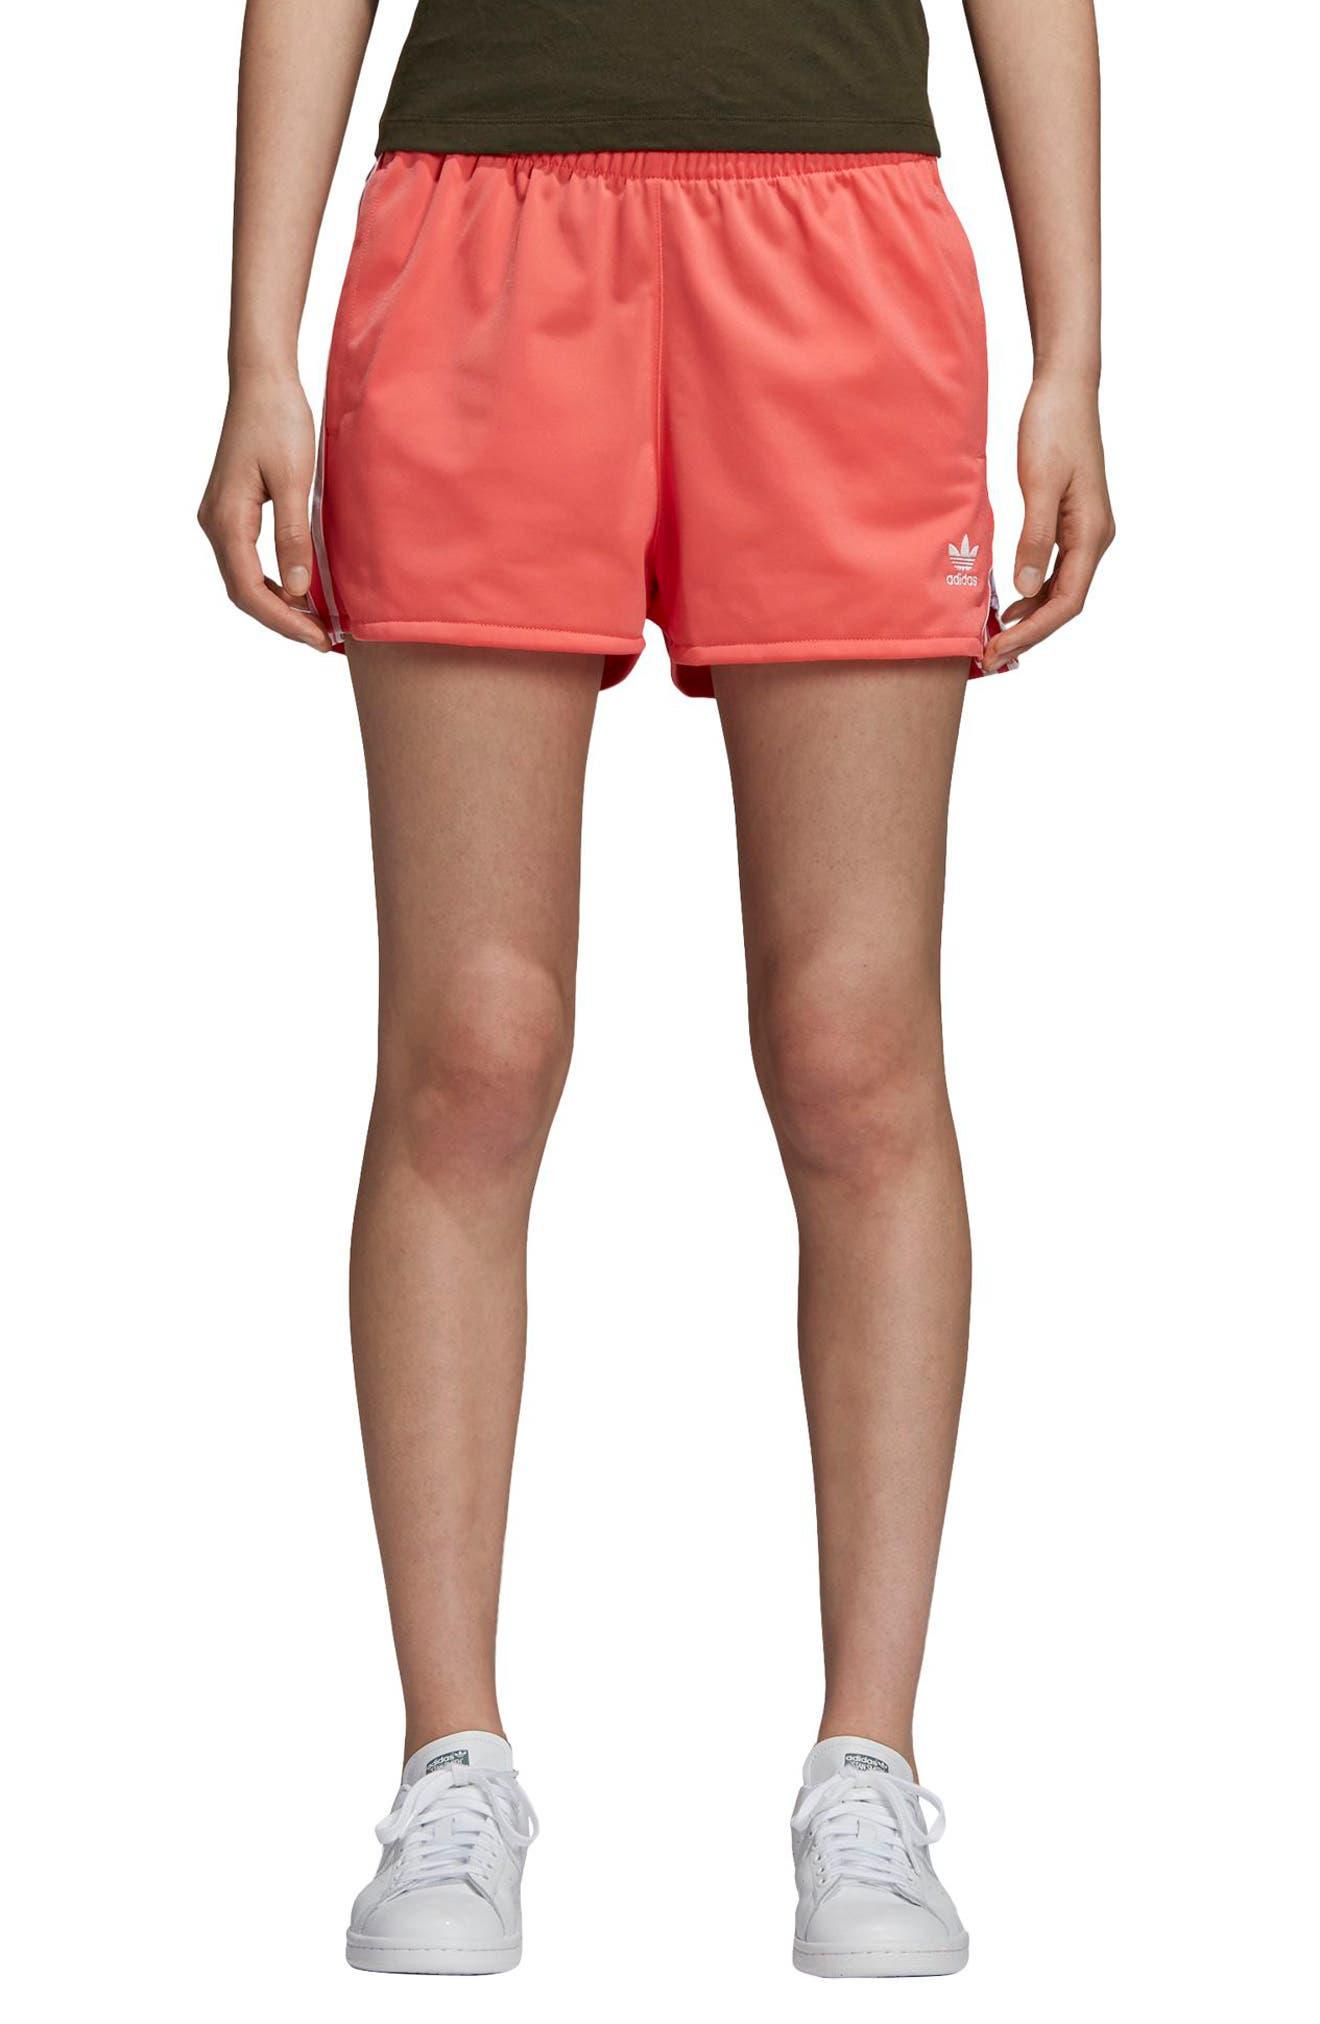 ADIDAS ORIGINALS,                             3-Stripes Shorts,                             Main thumbnail 1, color,                             600